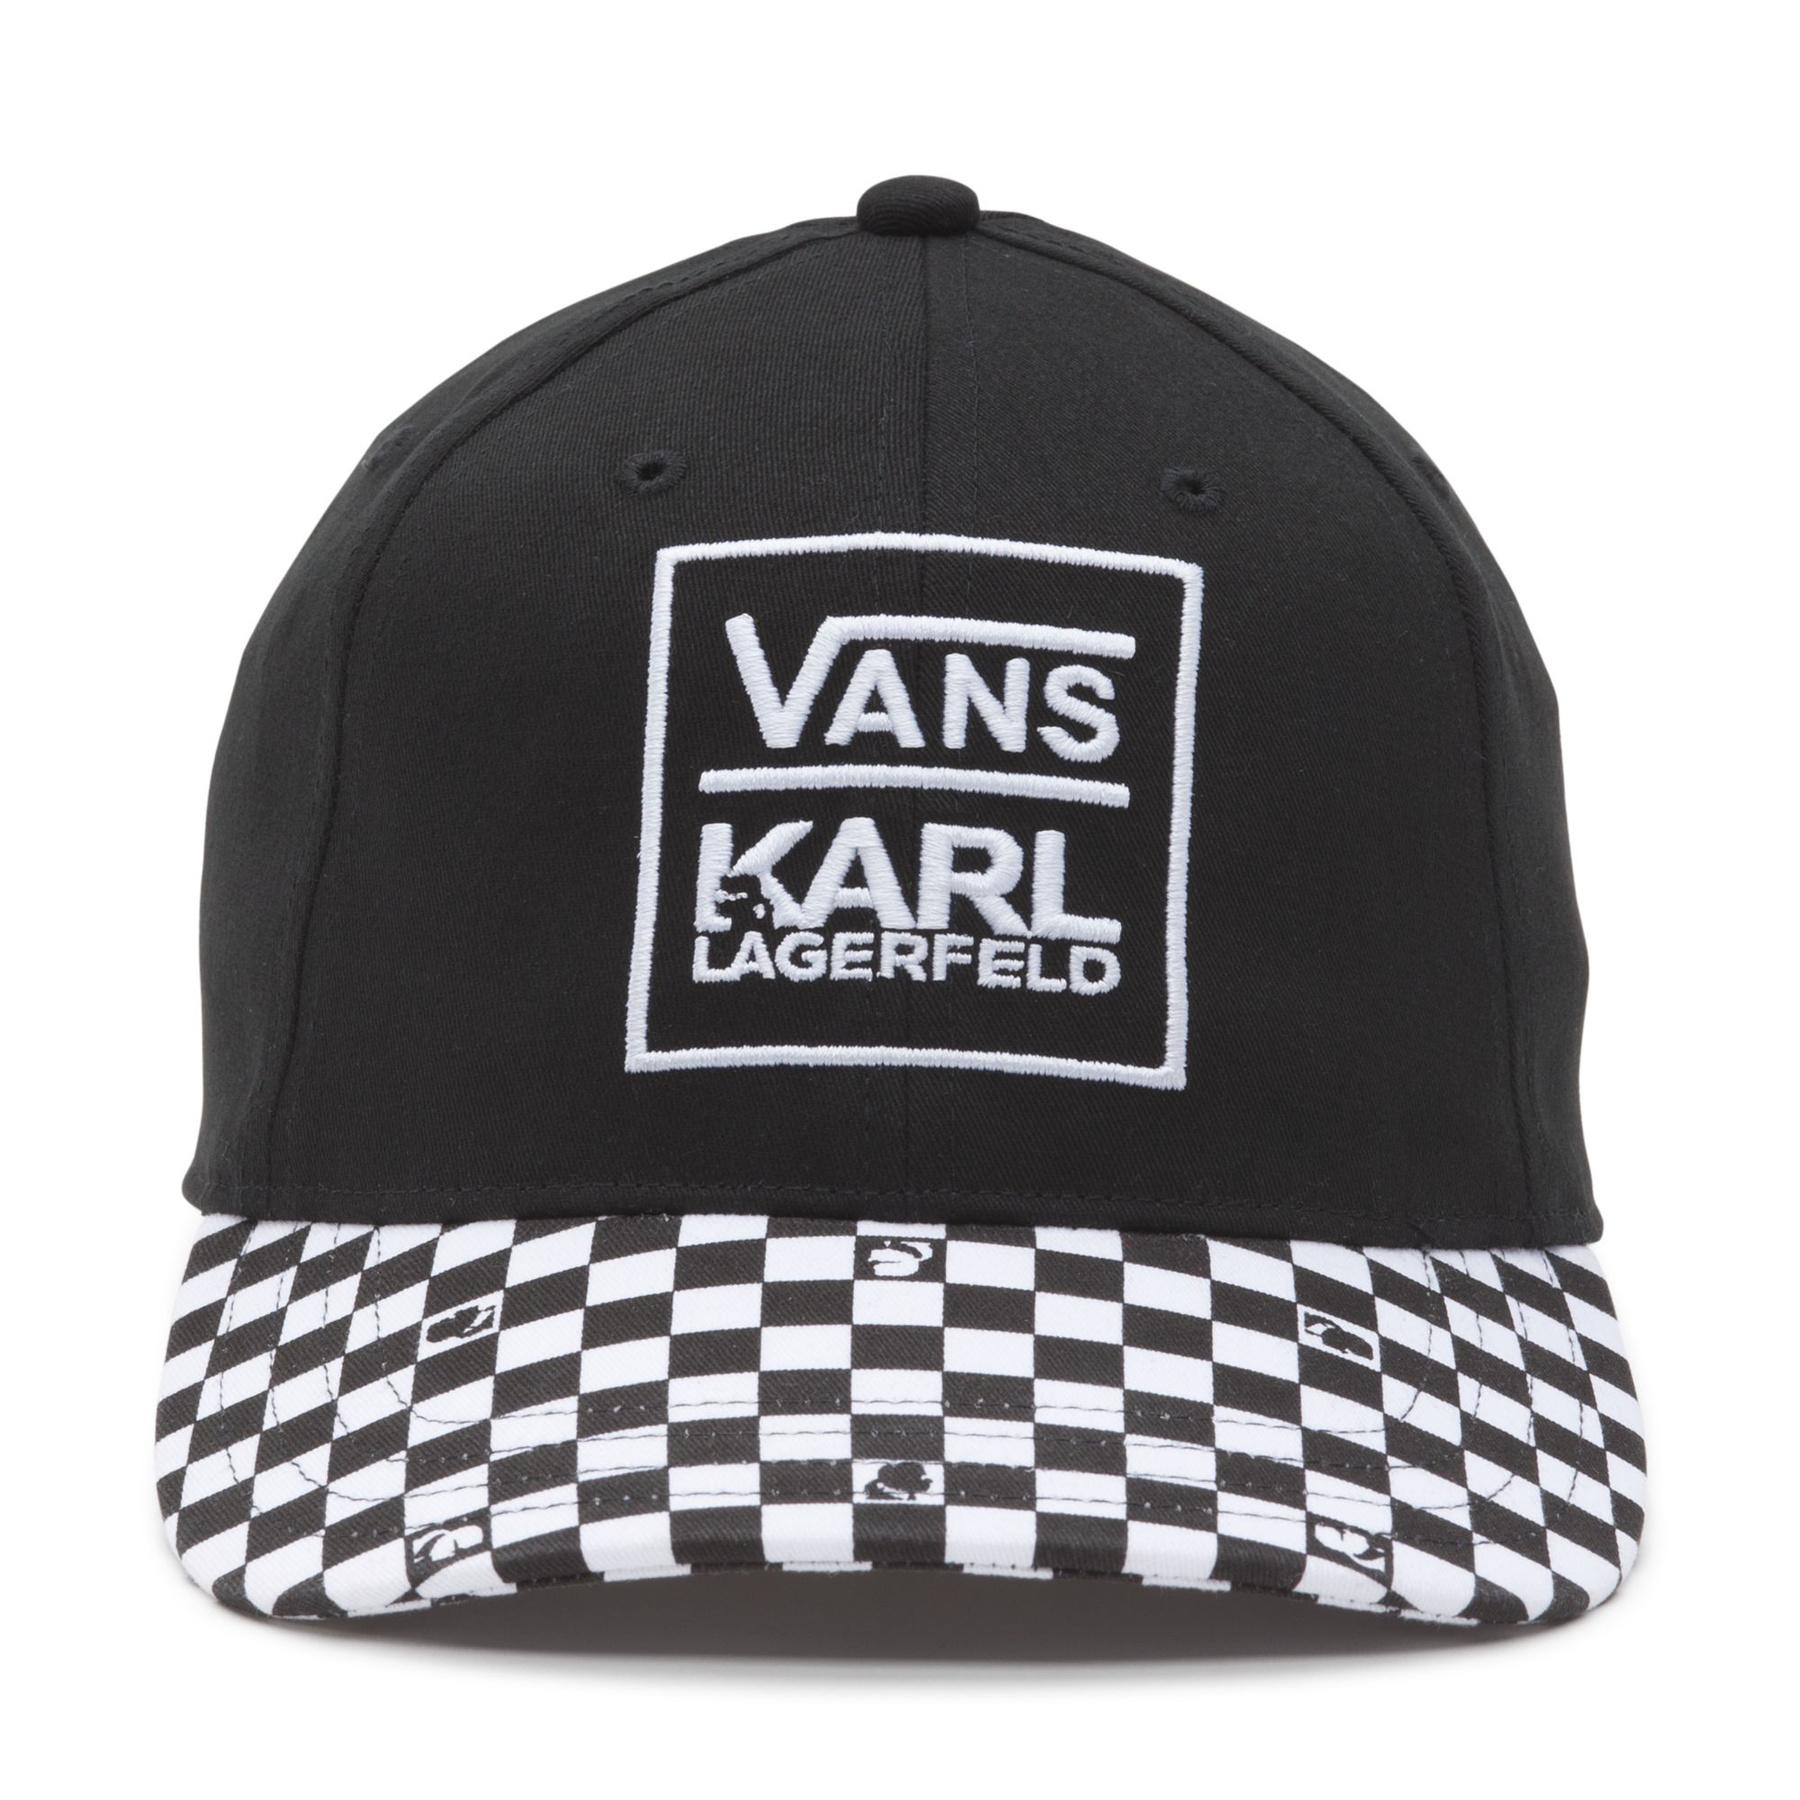 Karl nem esett túlzásokba.